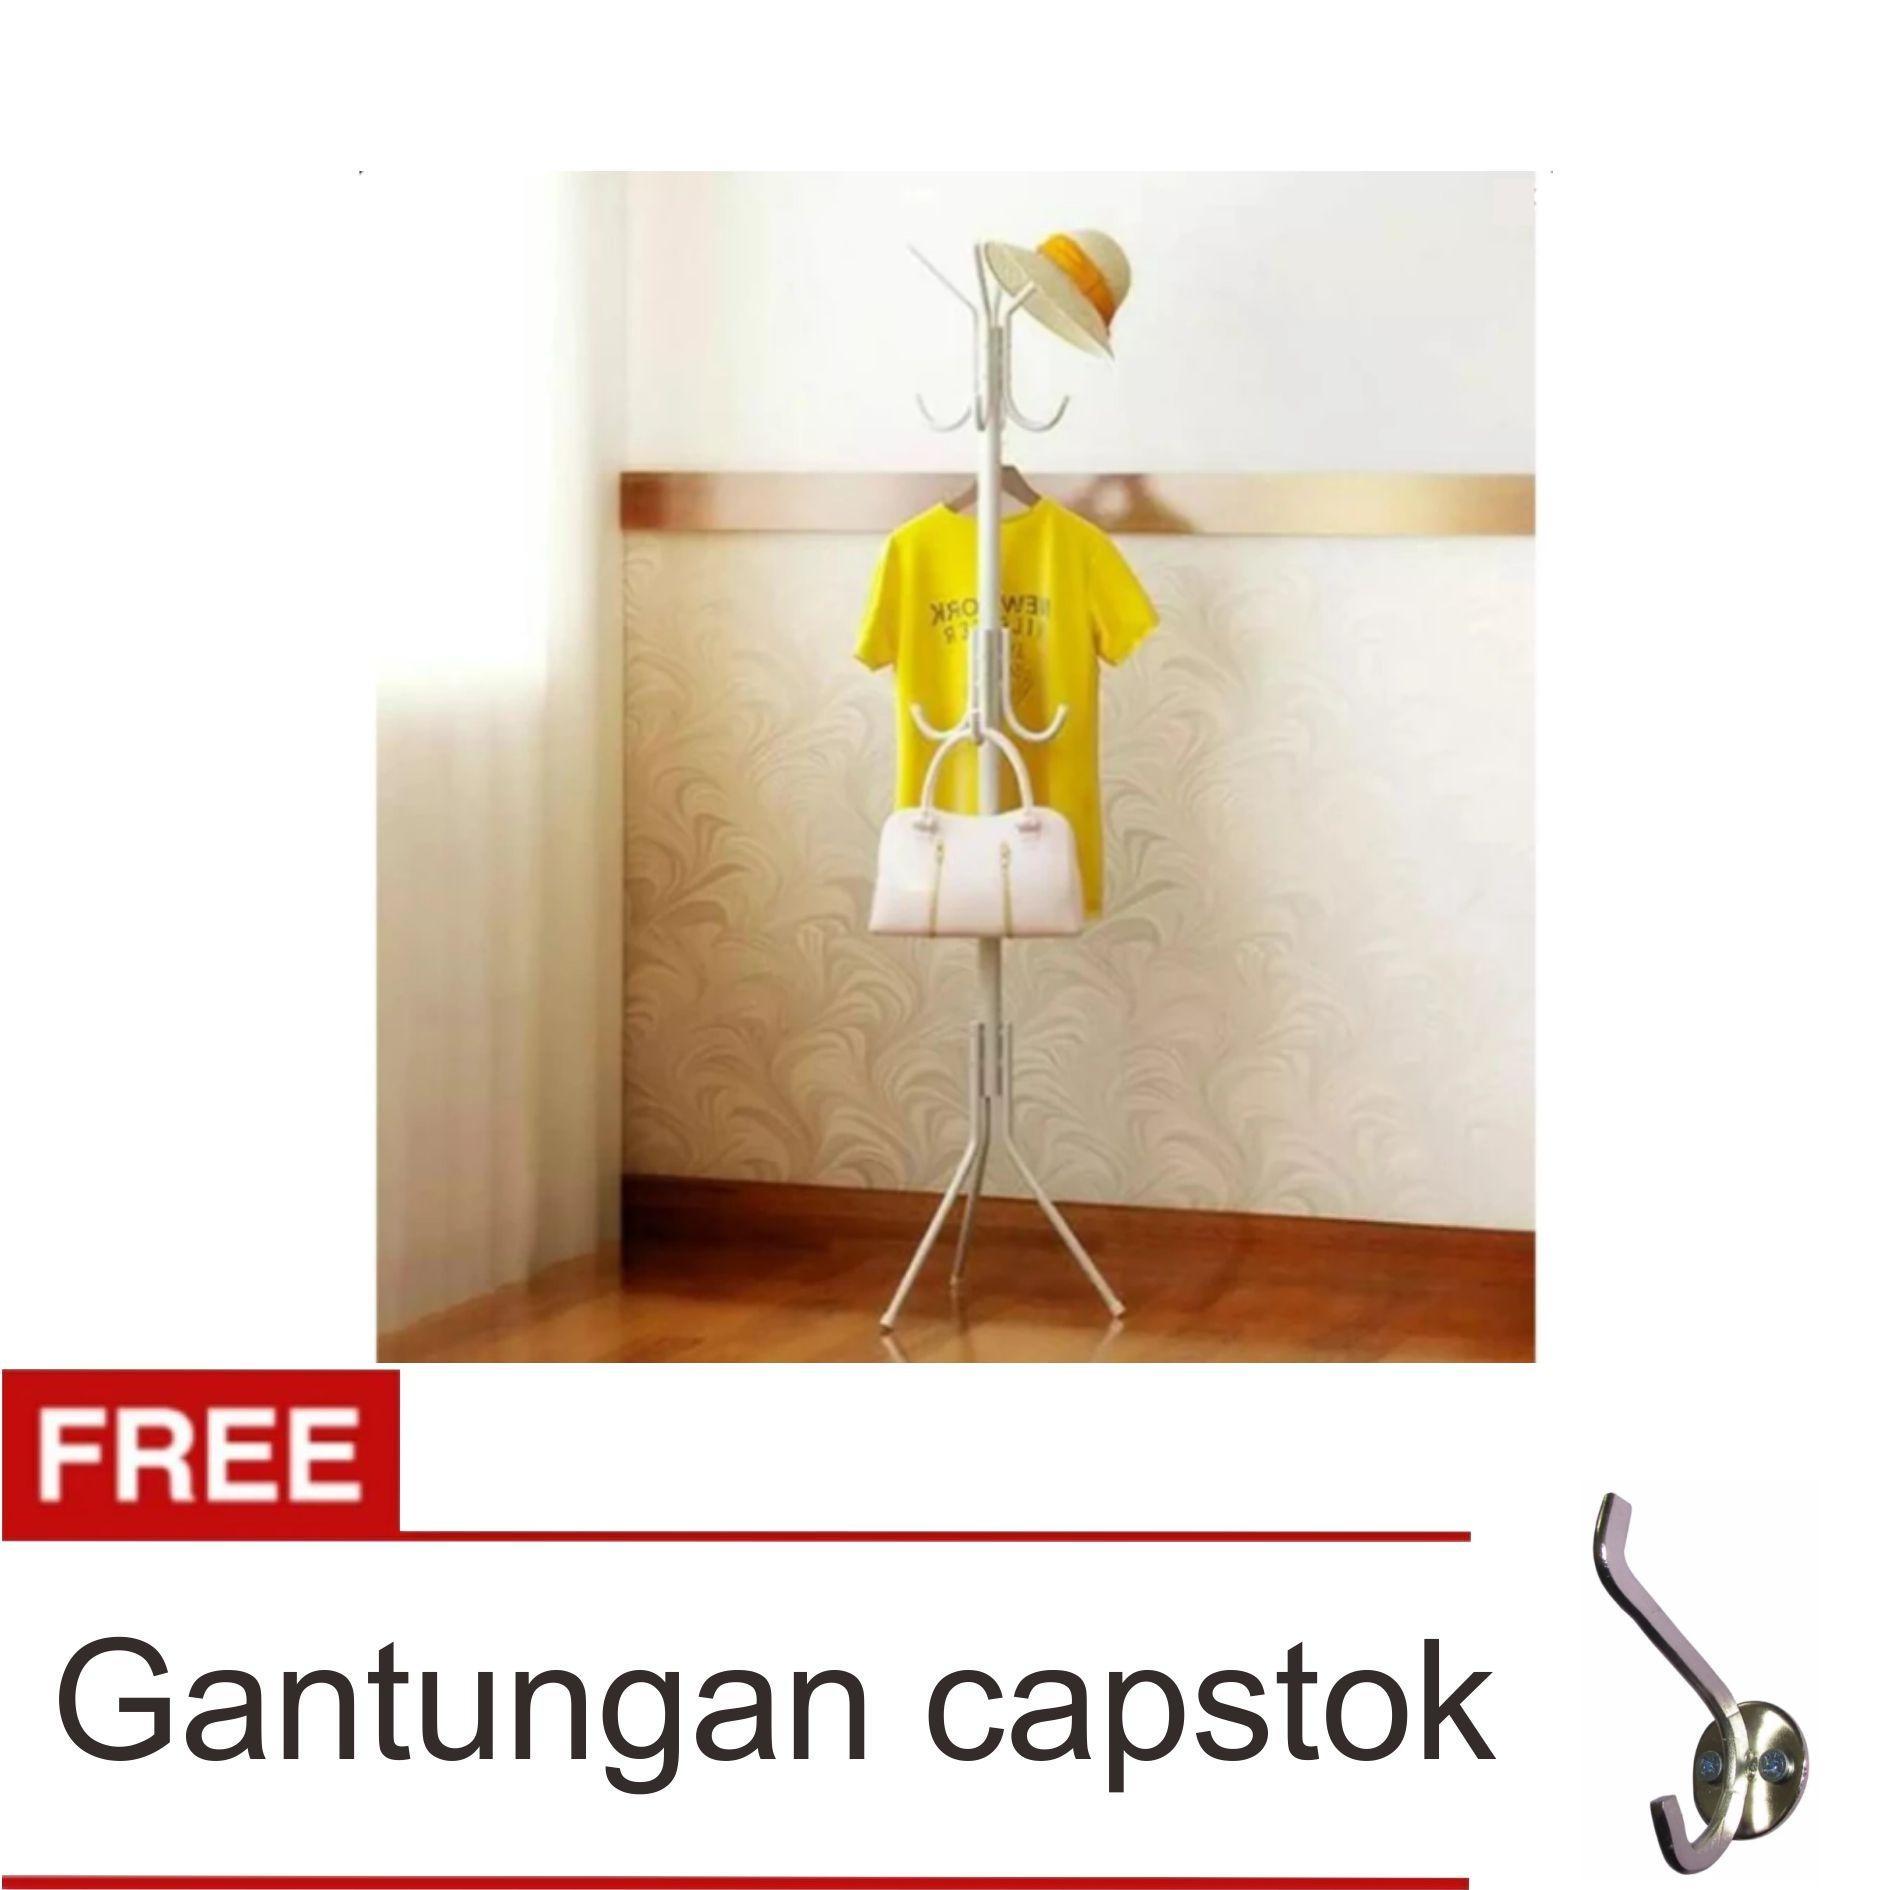 Lanjarjaya Gantungan Baju Standing Hanger / Multifunction Stand Hanger - Putih + Gantungan Capstok